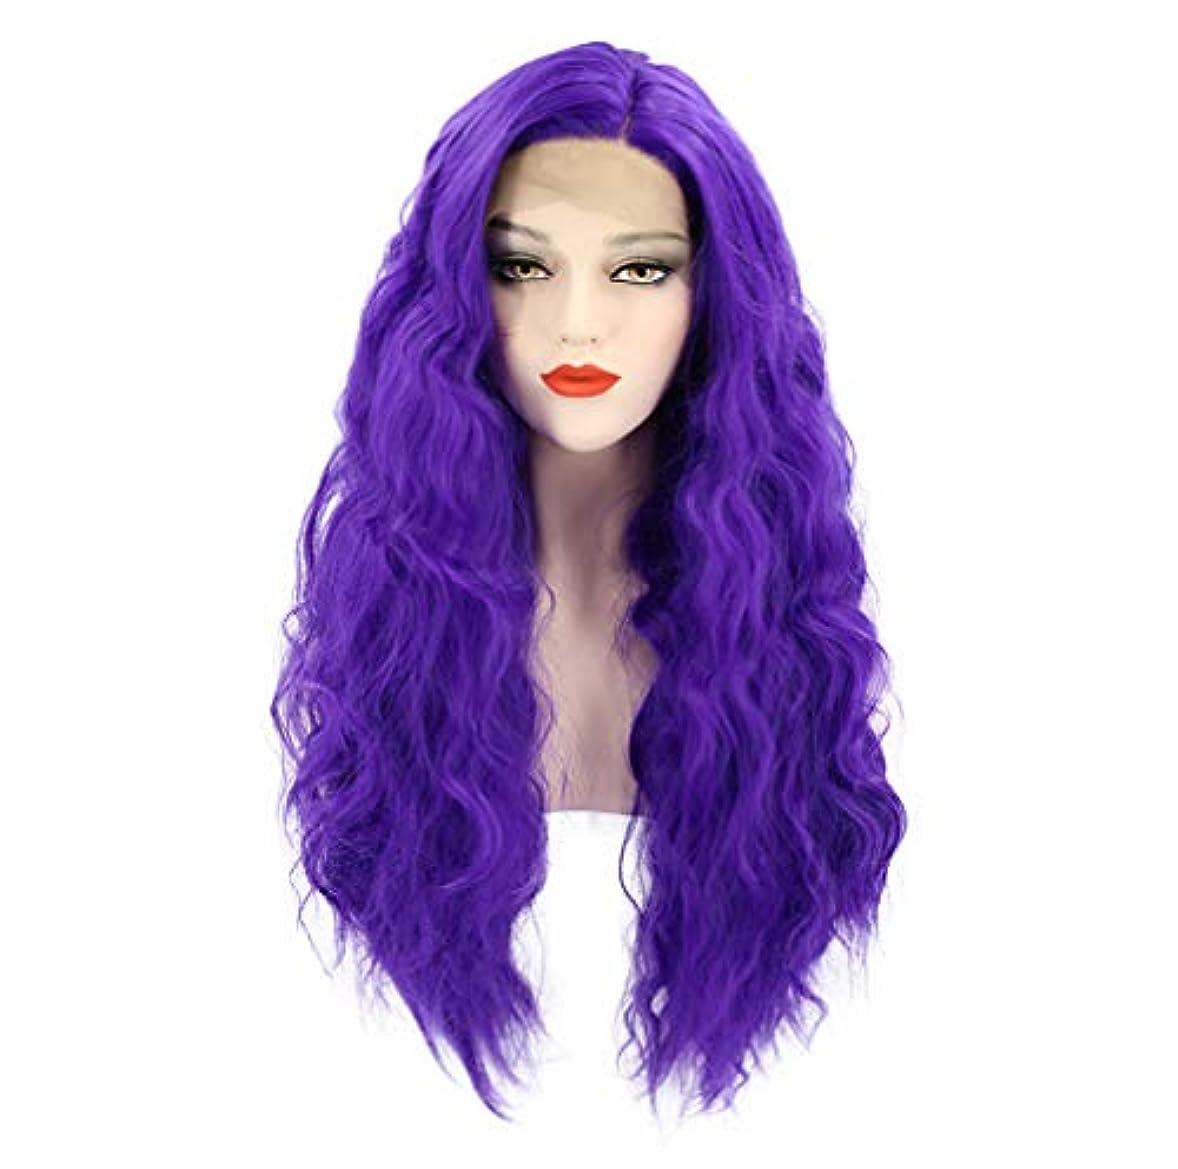 天皇リスクジェスチャー女性かつらフロントレース長い巻き毛アフロ人工毛サイドパーツかつら150%密度で無料かつらキャップ紫26インチ